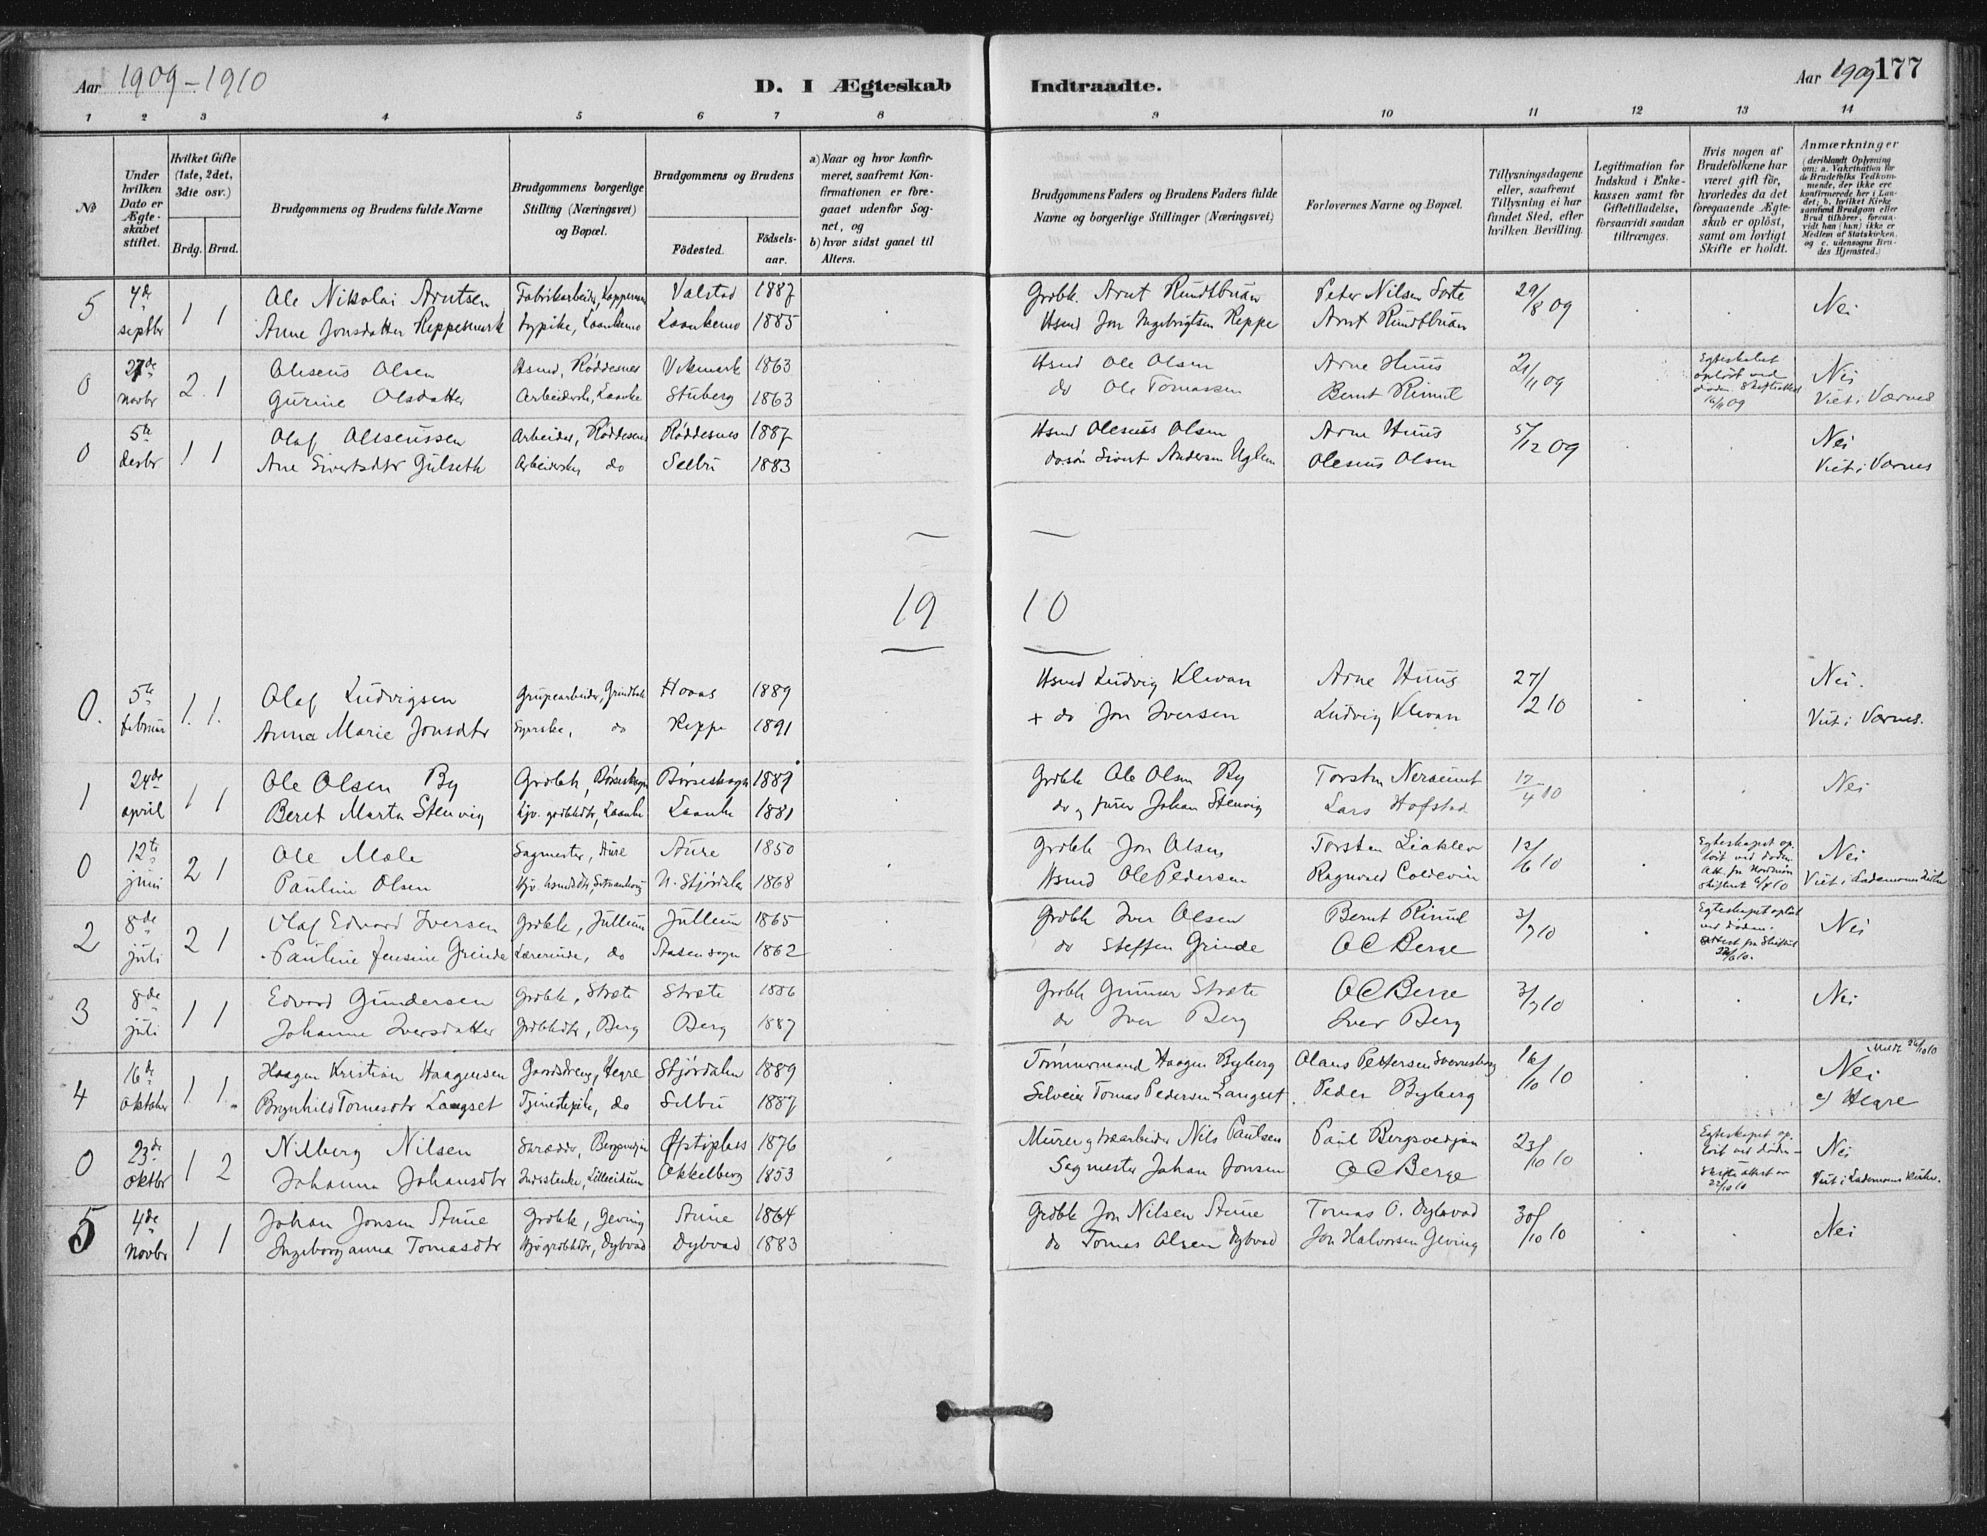 SAT, Ministerialprotokoller, klokkerbøker og fødselsregistre - Nord-Trøndelag, 710/L0095: Ministerialbok nr. 710A01, 1880-1914, s. 177